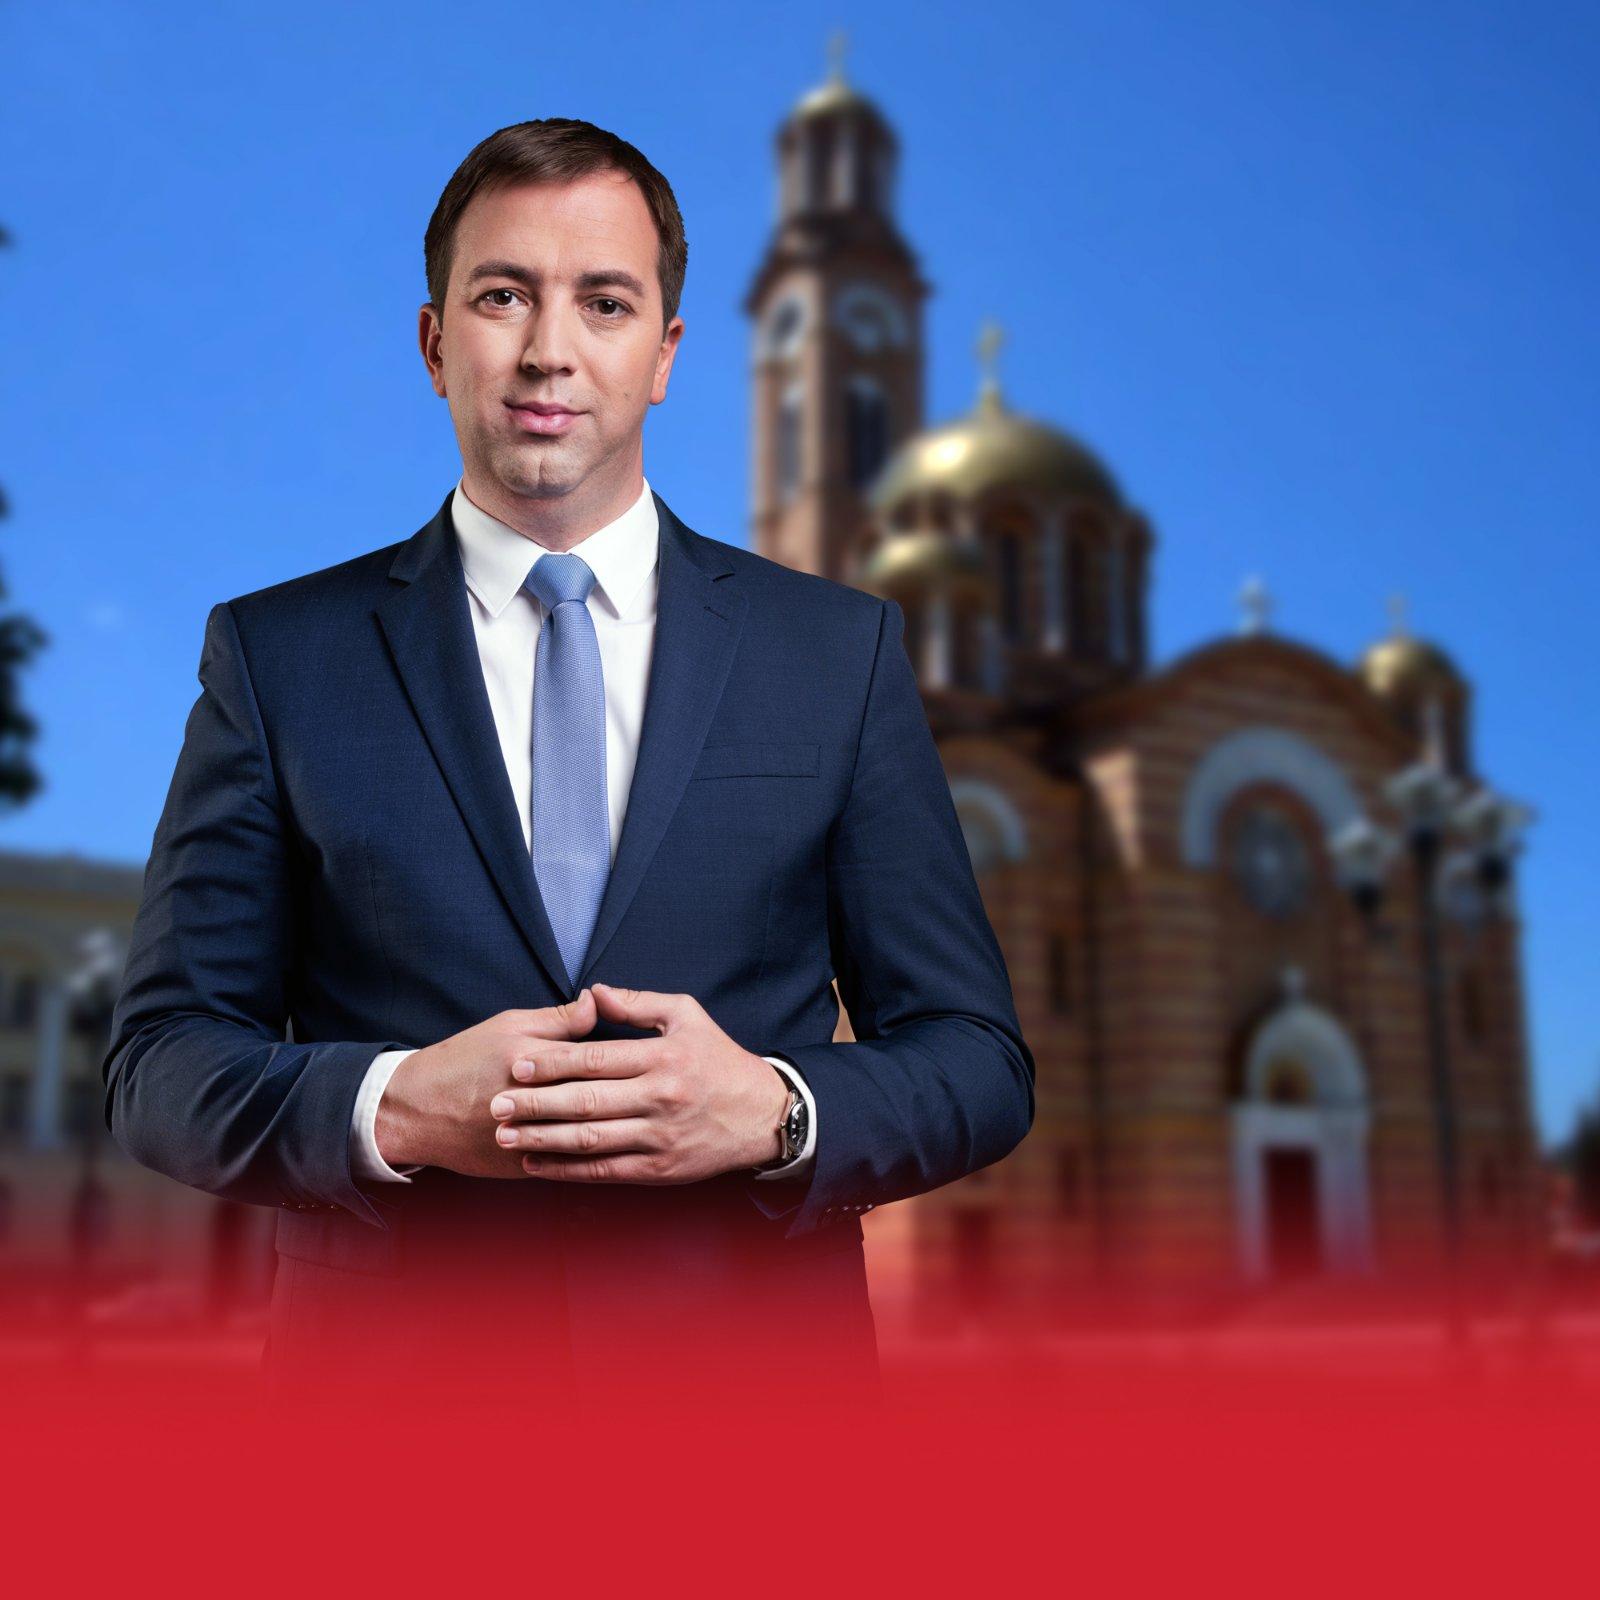 Selak čestitao Vaskrs: Više nego ikad su nam potrebni sloga, solidarnost i nada u bolje sutra